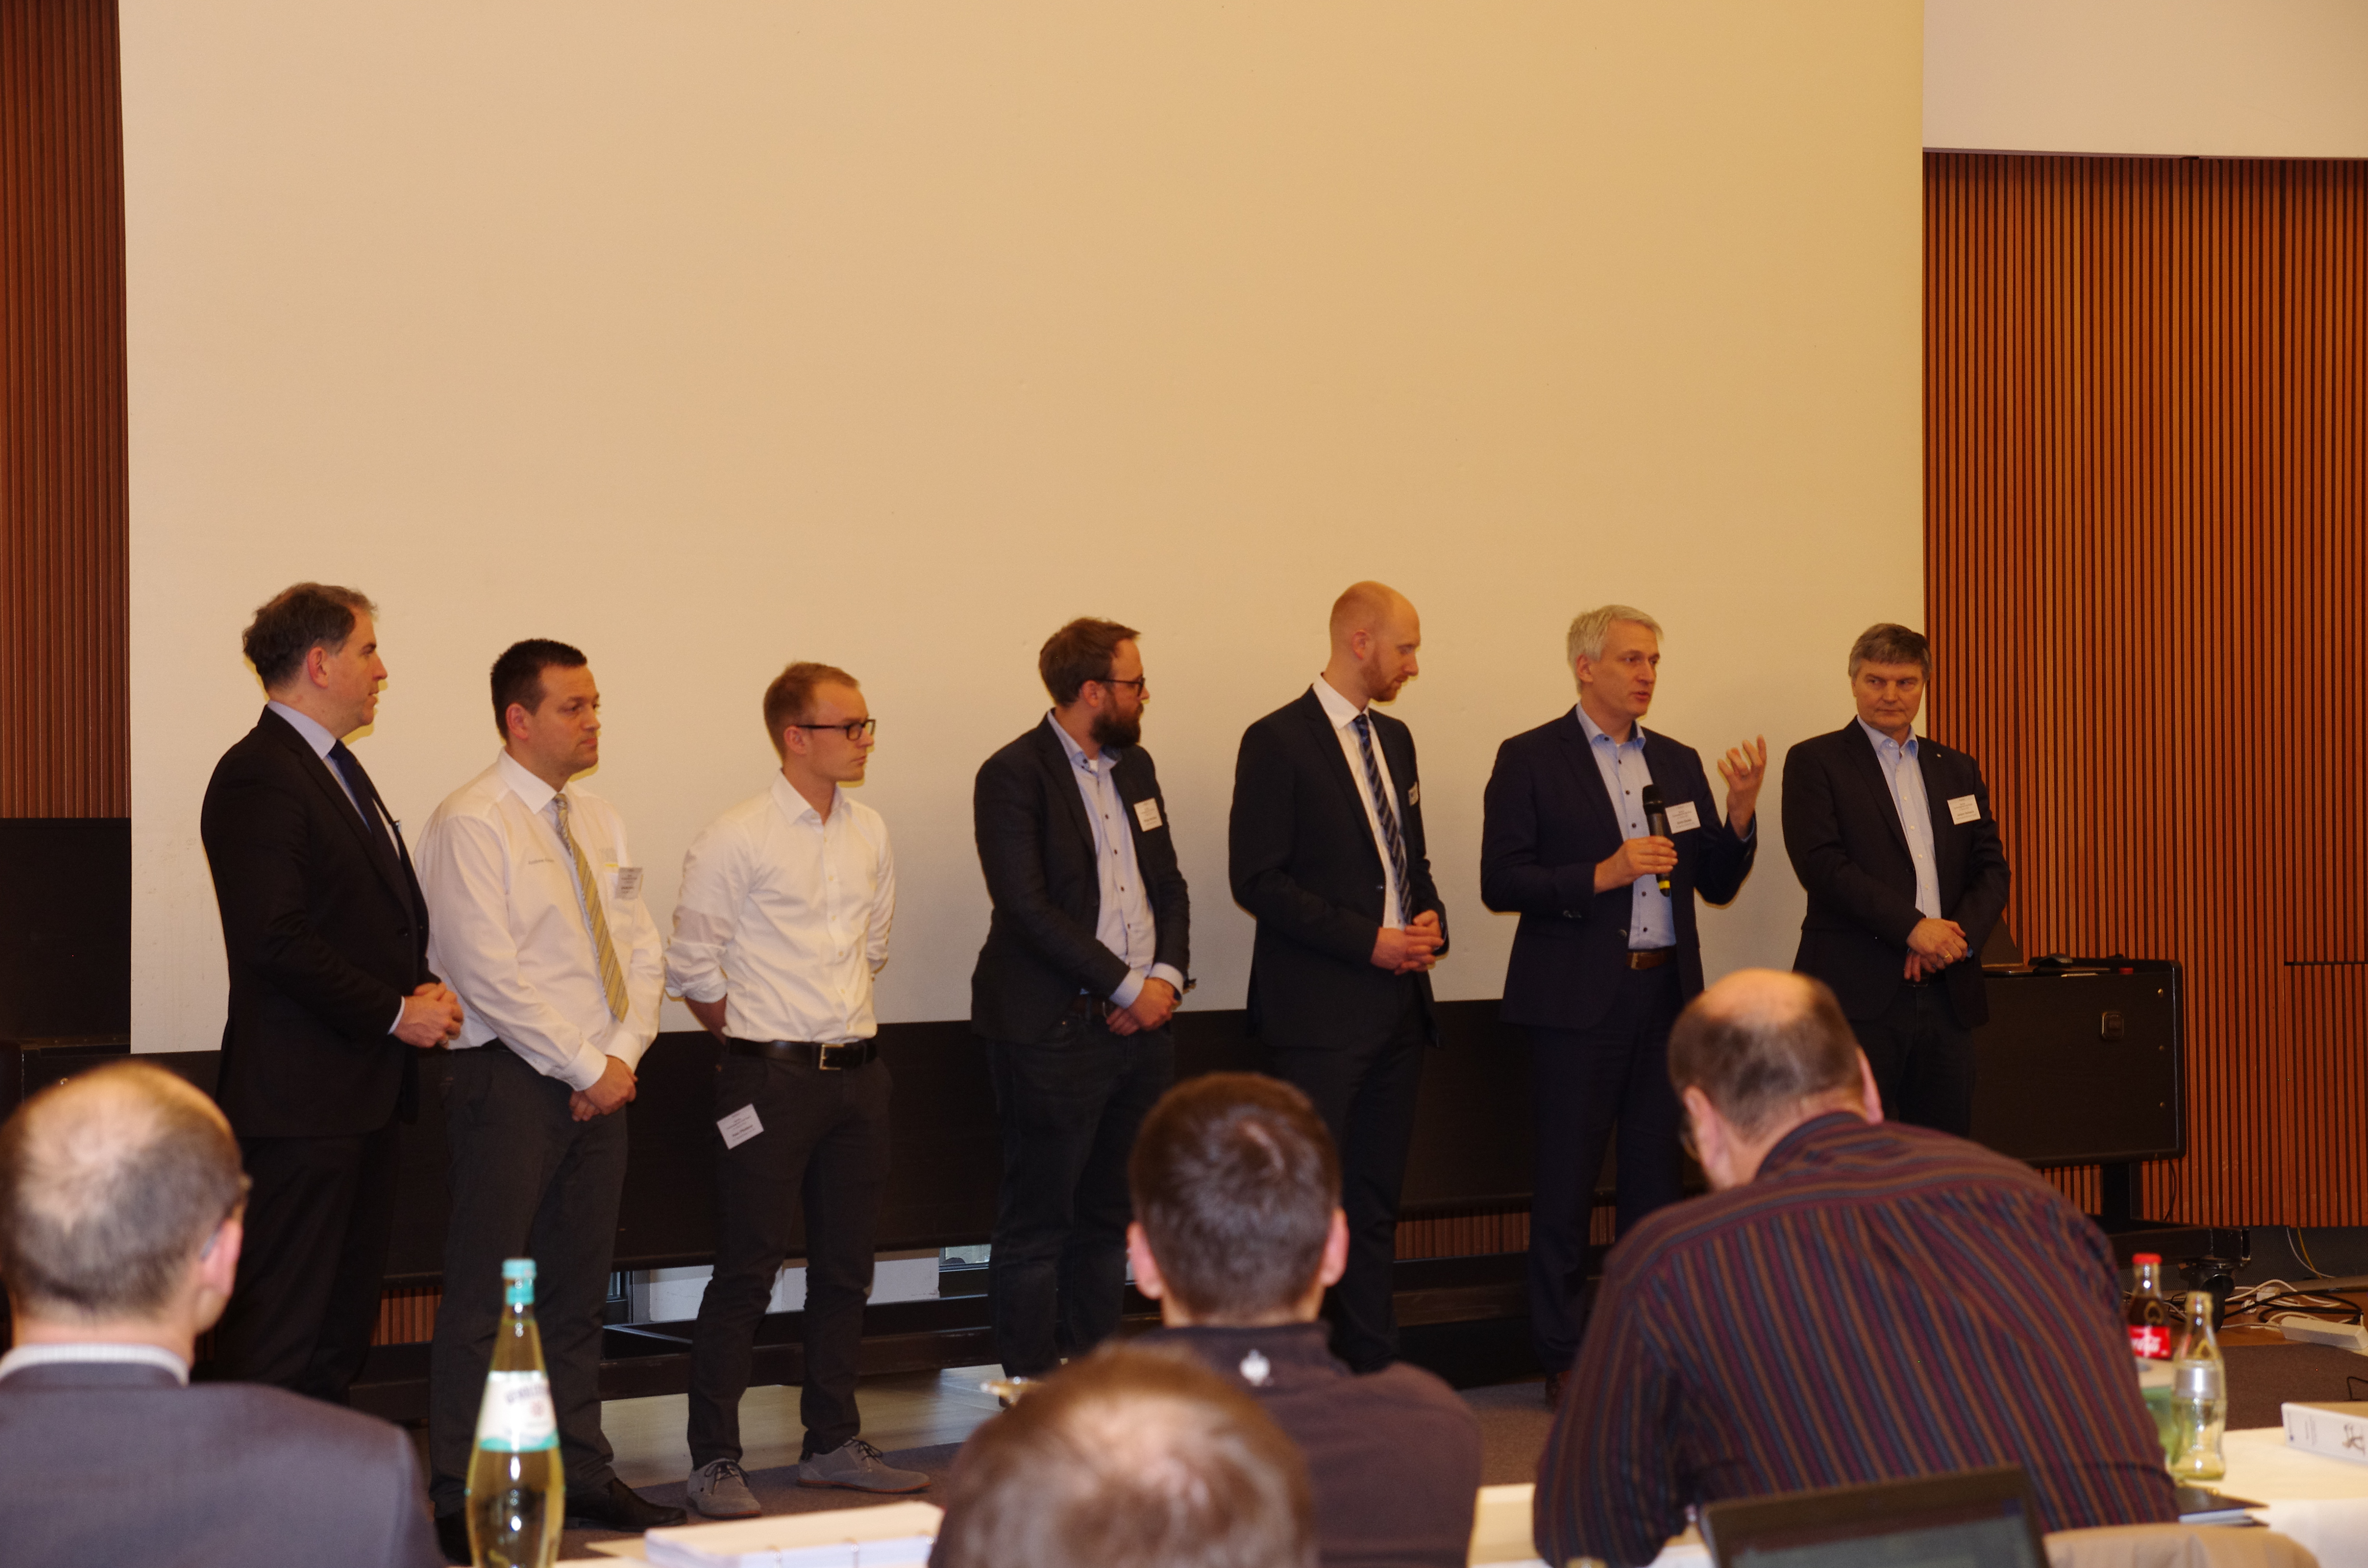 V.l.: Boris Kaiser, Andreas Kratzer, Peter Pfleiderer, Philipp Steinwarz, Dominique Preis, Armin Decker, Johann Hofmann